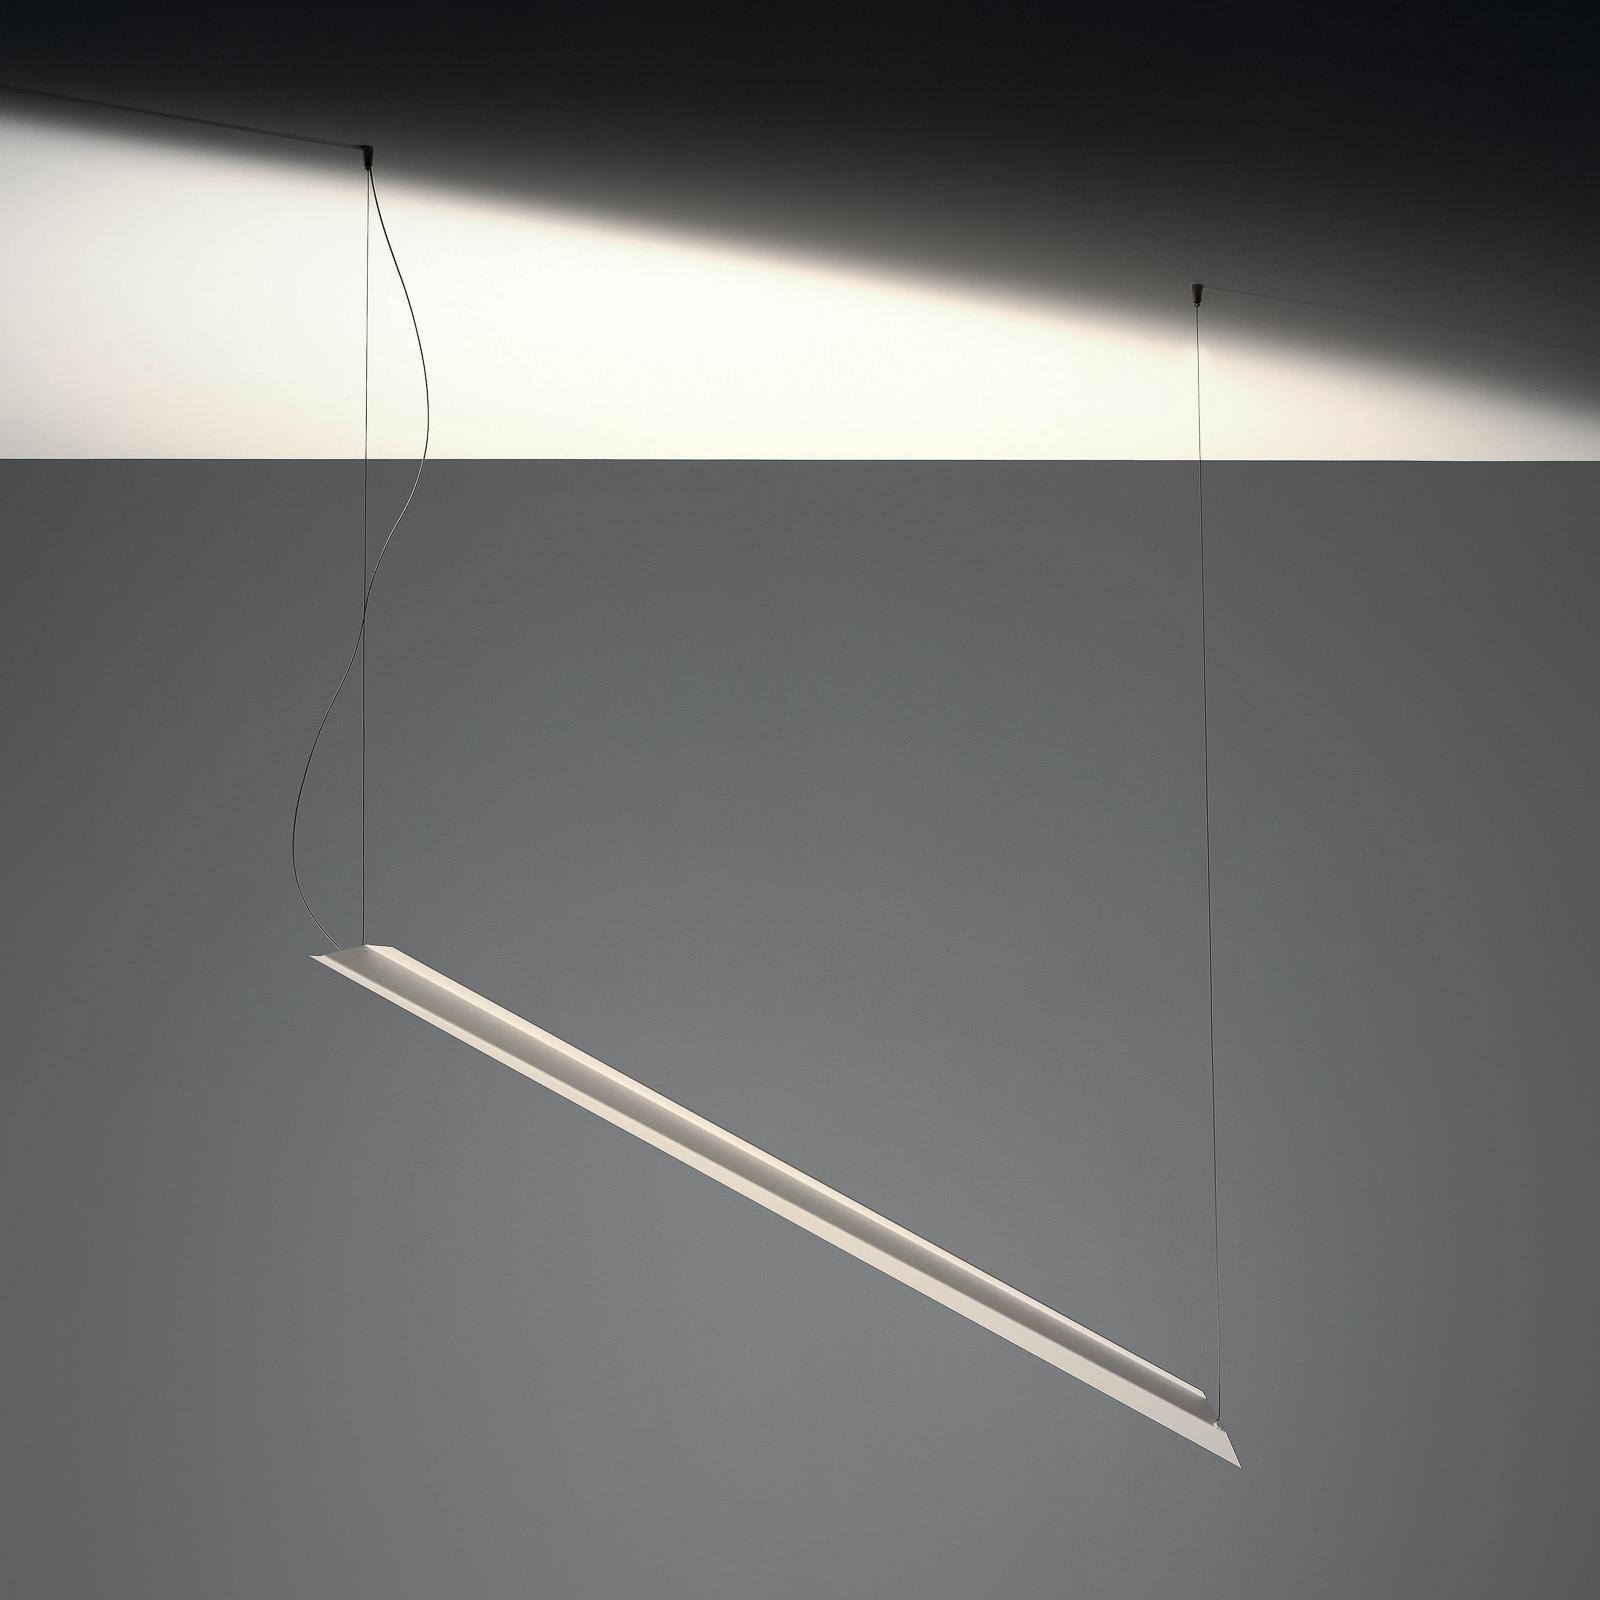 Knikerboker Schegge LED-Hängeleuchte 1-fl. weiß